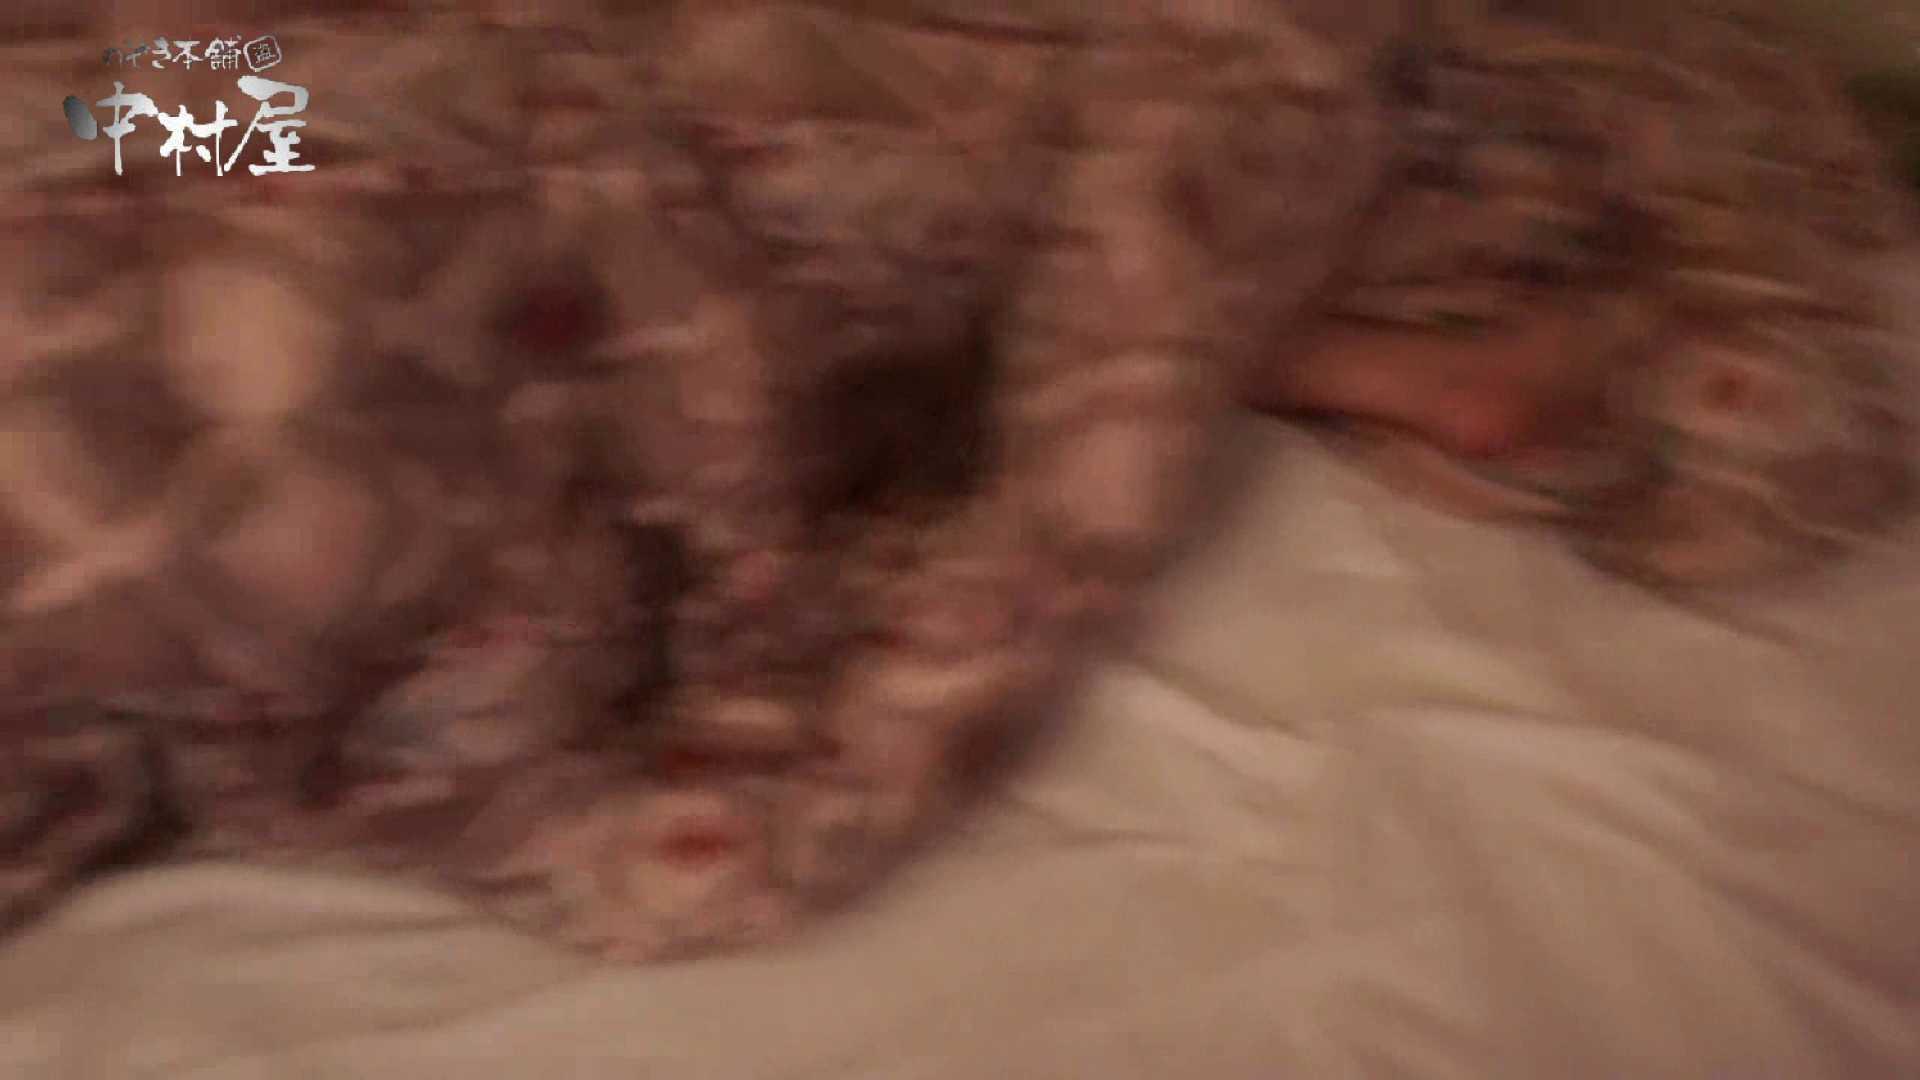 欲望 リアルドール Vol.02 女子大生 盗み撮りAV無料動画キャプチャ 56画像 14